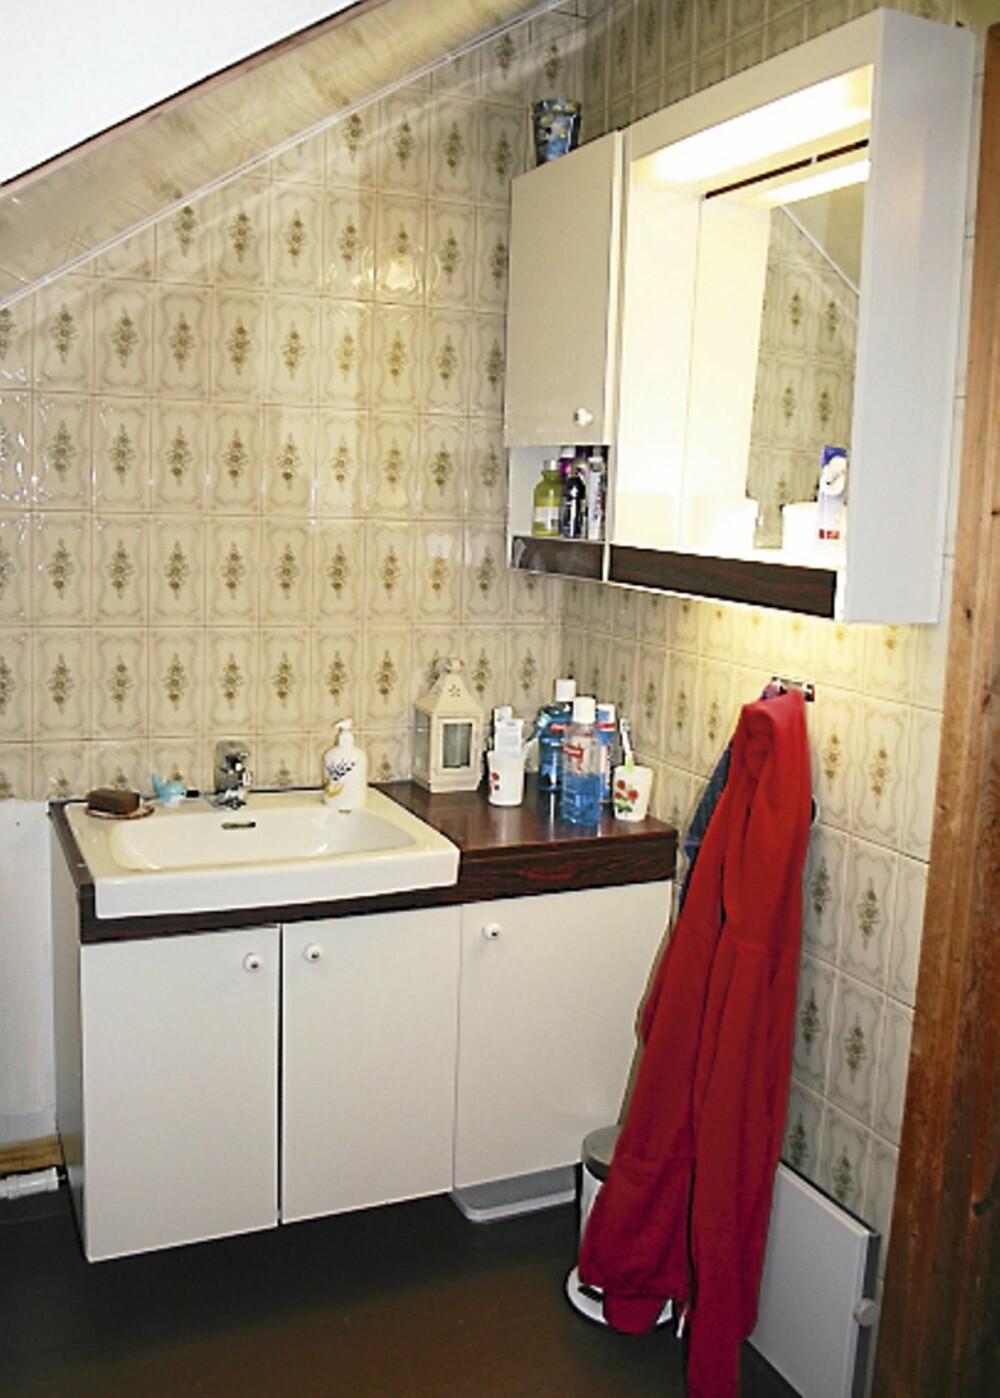 BRUNT OG GRØNT: Det gamle badet hadde fliser i beige, grønt og brunt. Gulvet hadde mørkebrunt vinylbelegg og taket var belagt med blanke, hvite plater.